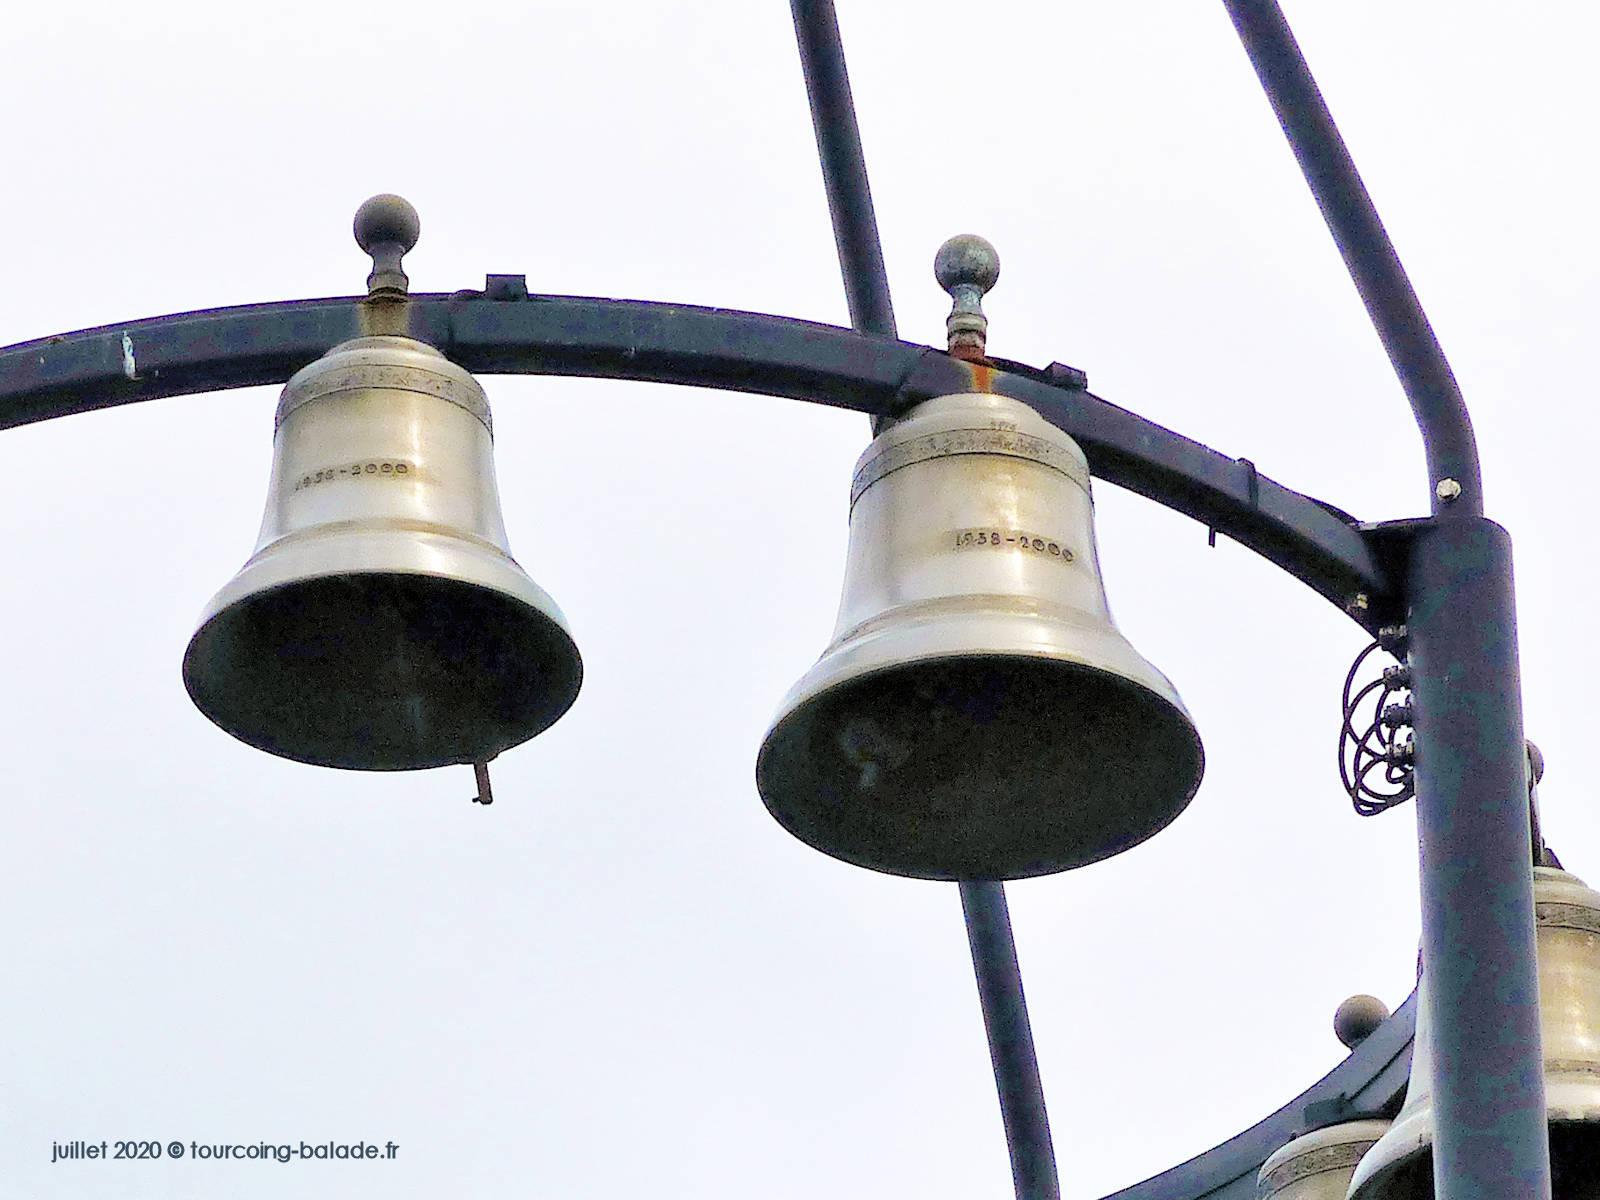 Cloches du Carillon de l'église St Joseph, Tourcoing 2020